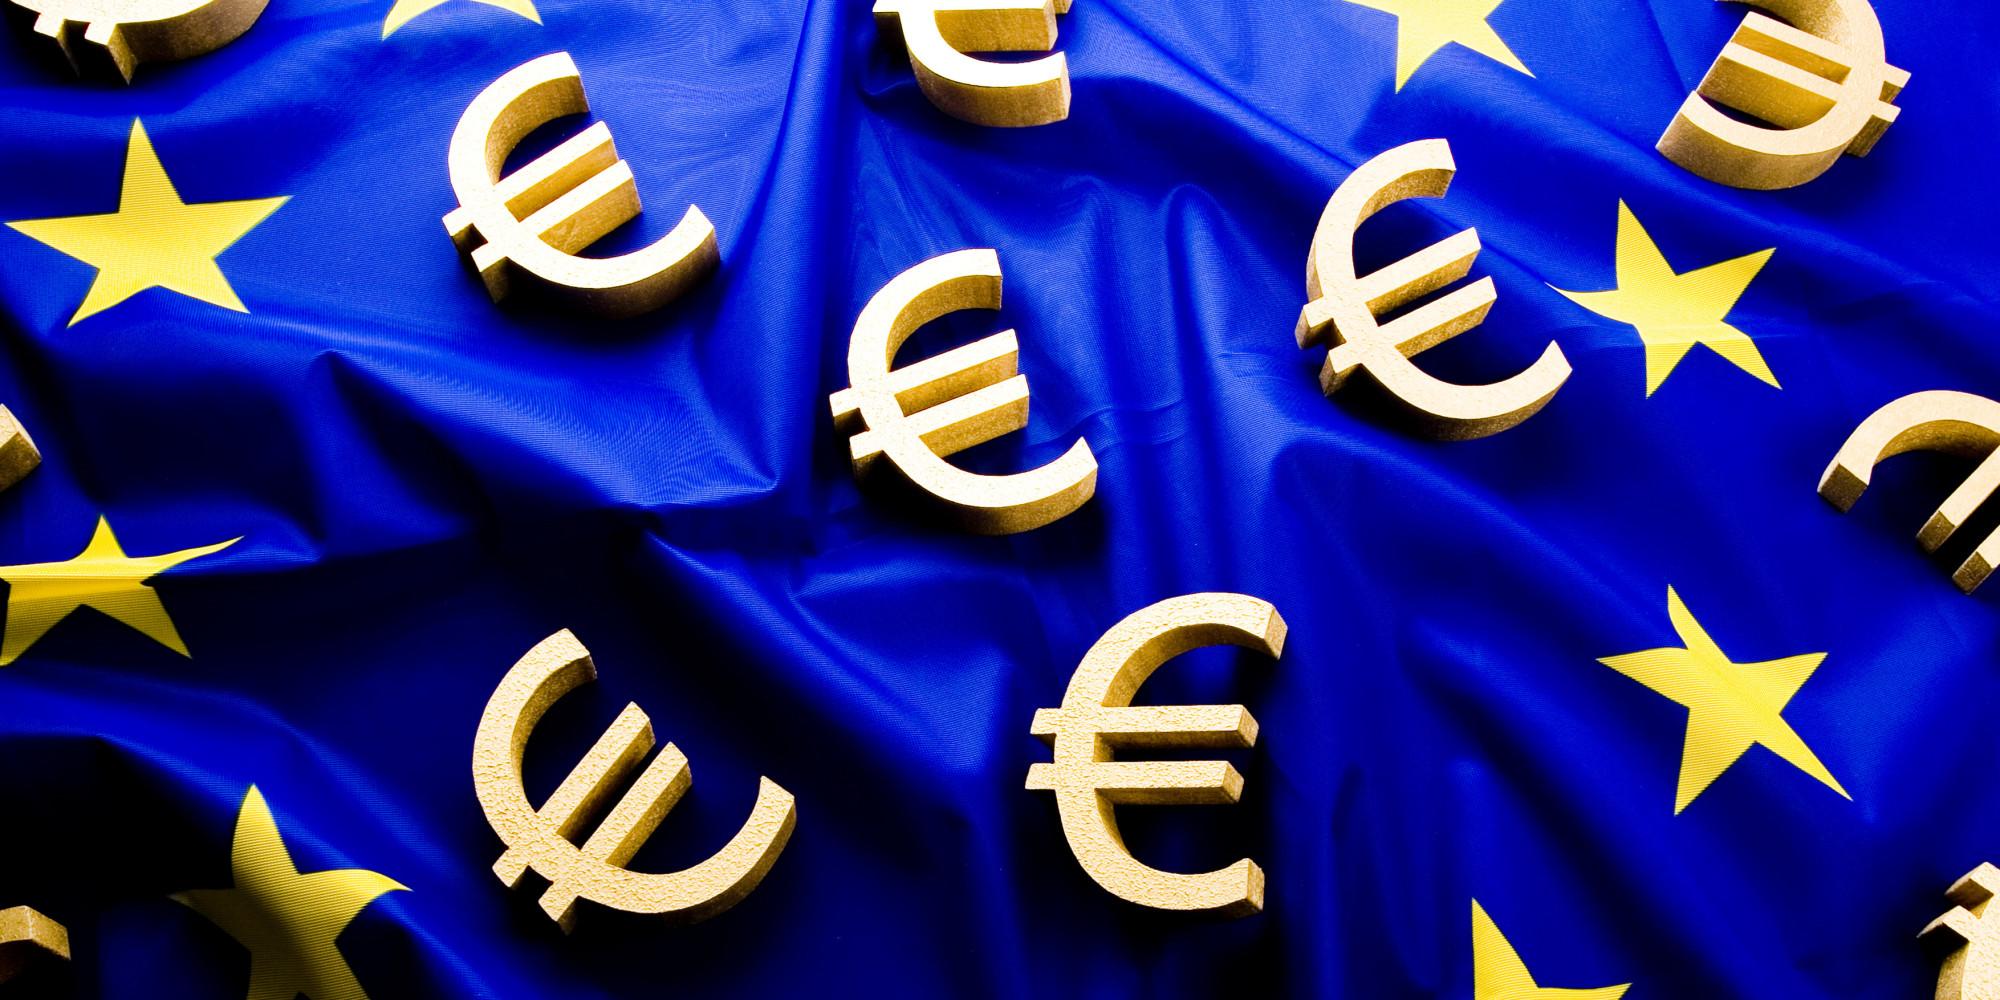 Resultado de imagen de europe euro